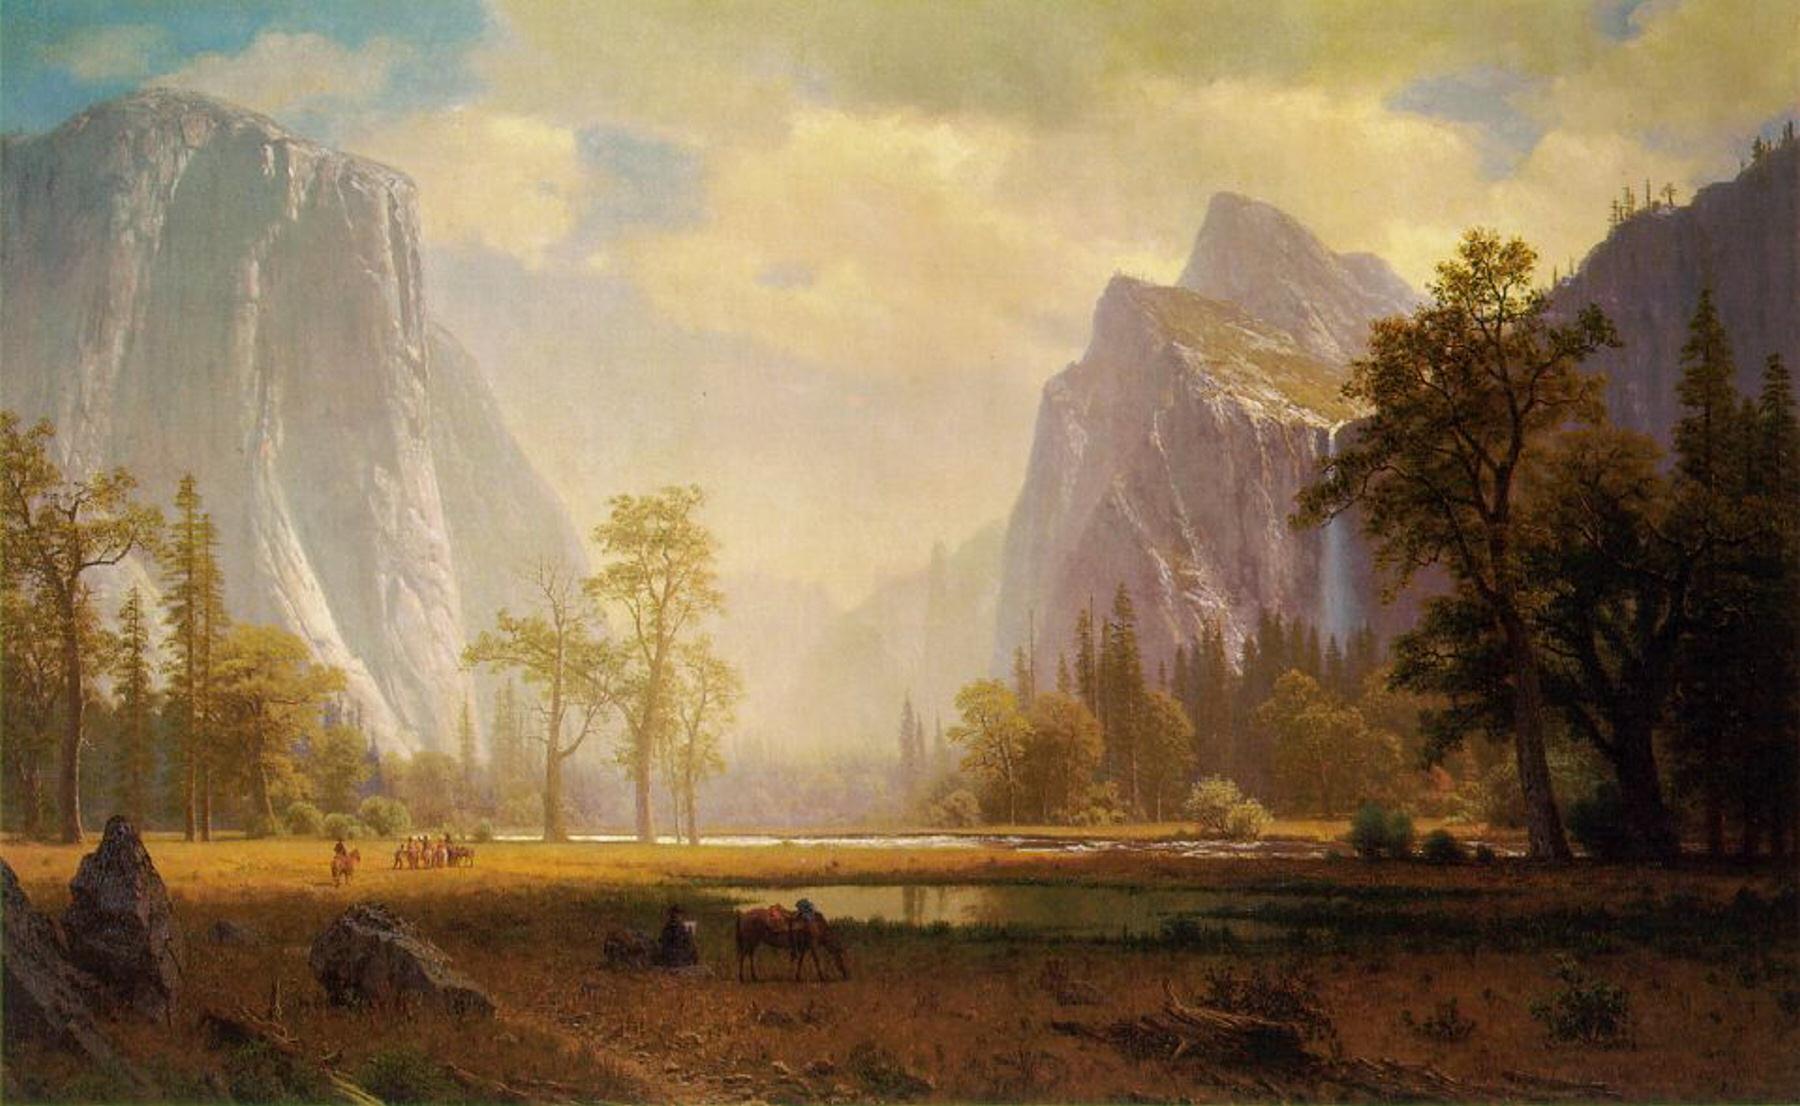 File:Albert Bierstadt - Looking Up the Yosemite Valley.jpg